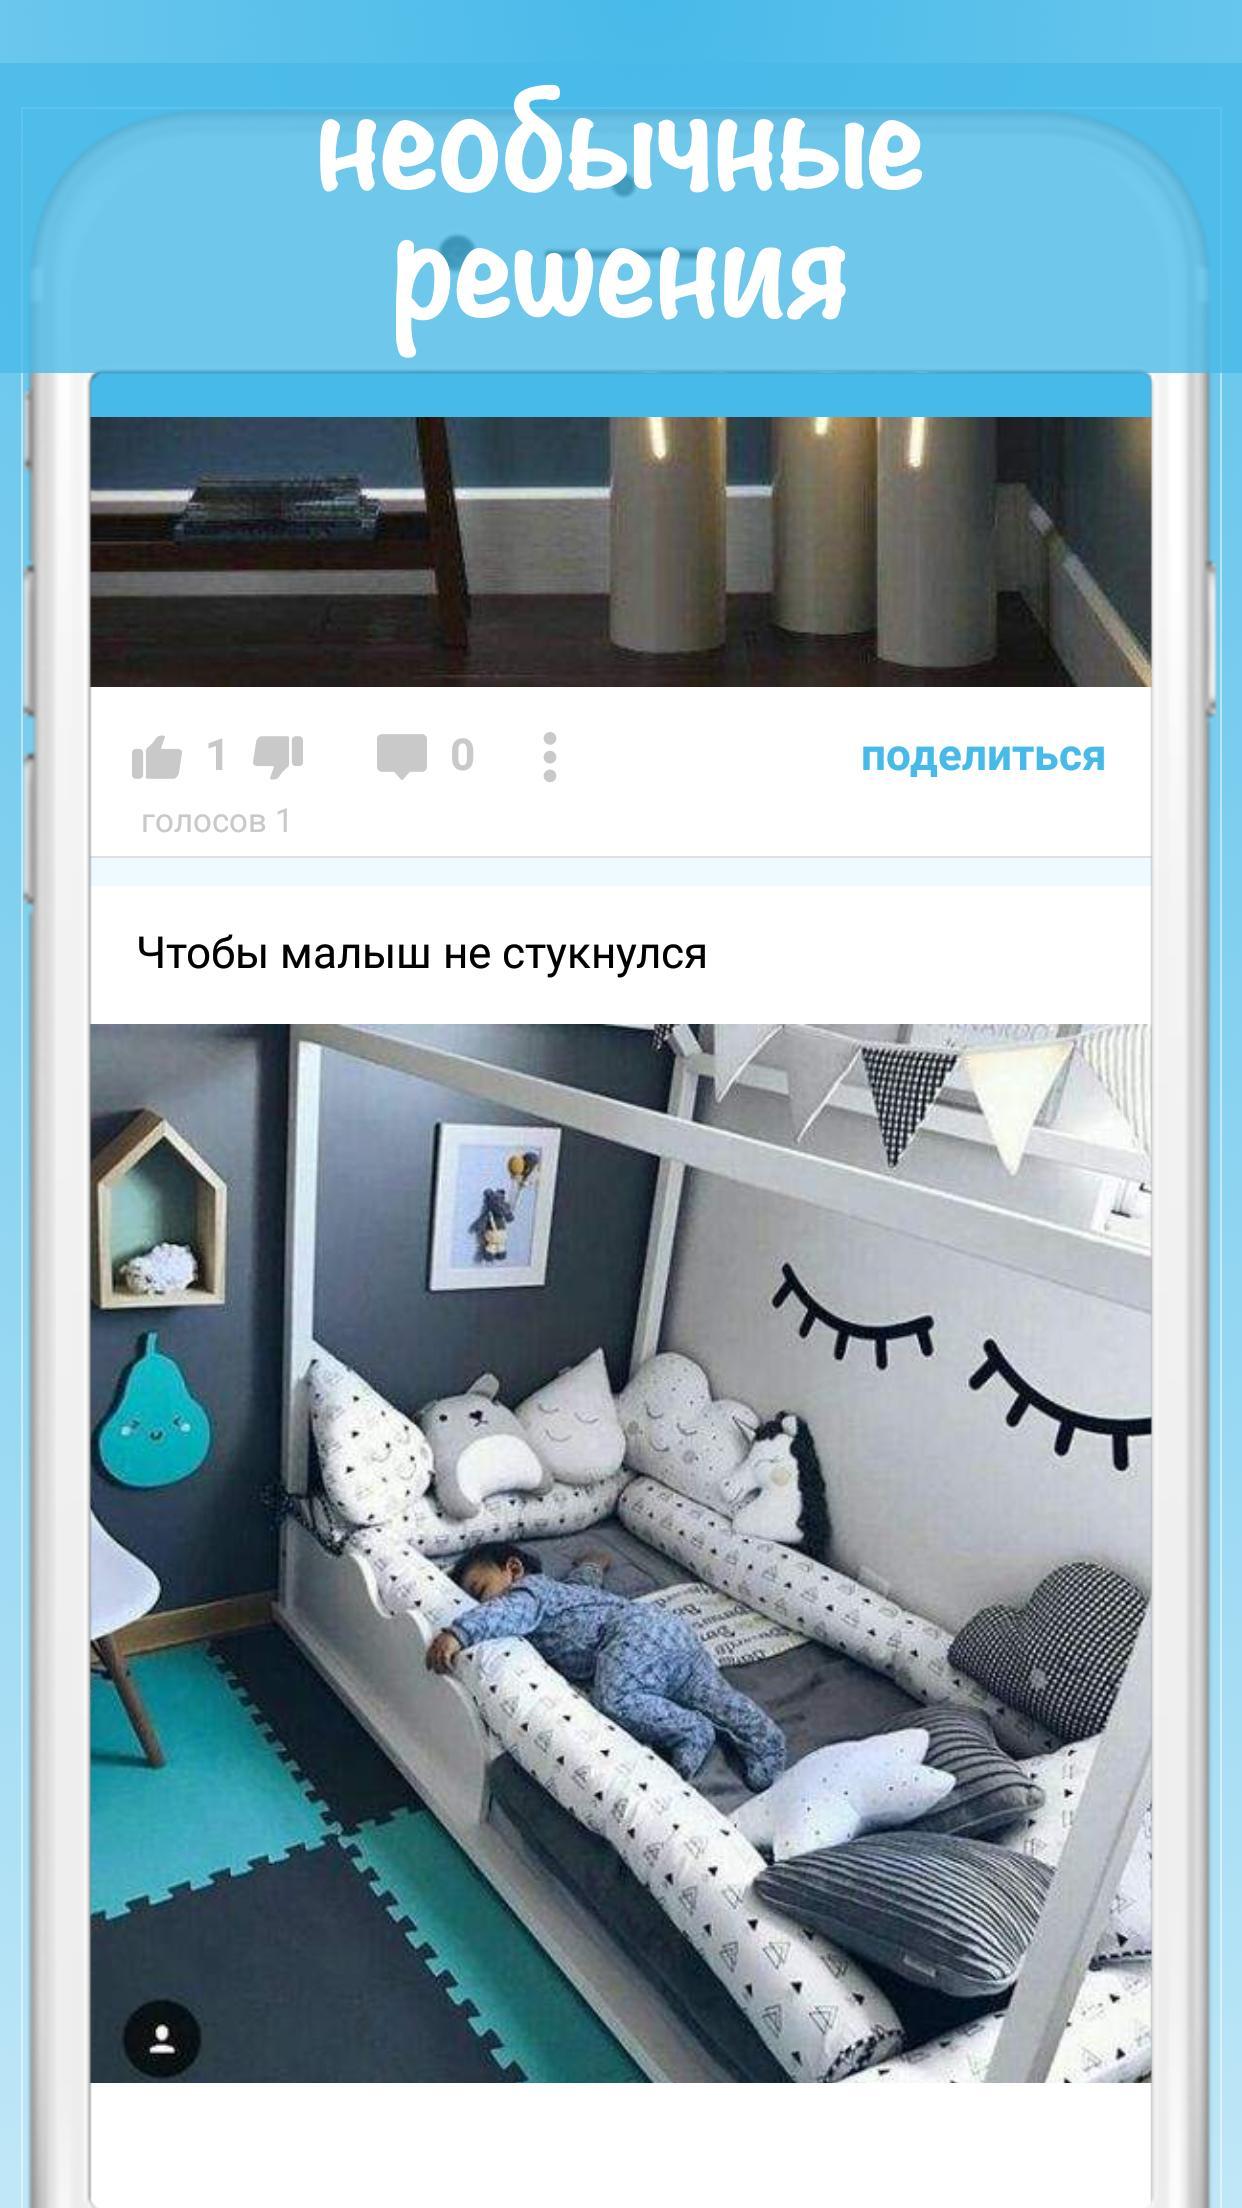 Дизайн интерьеров poster